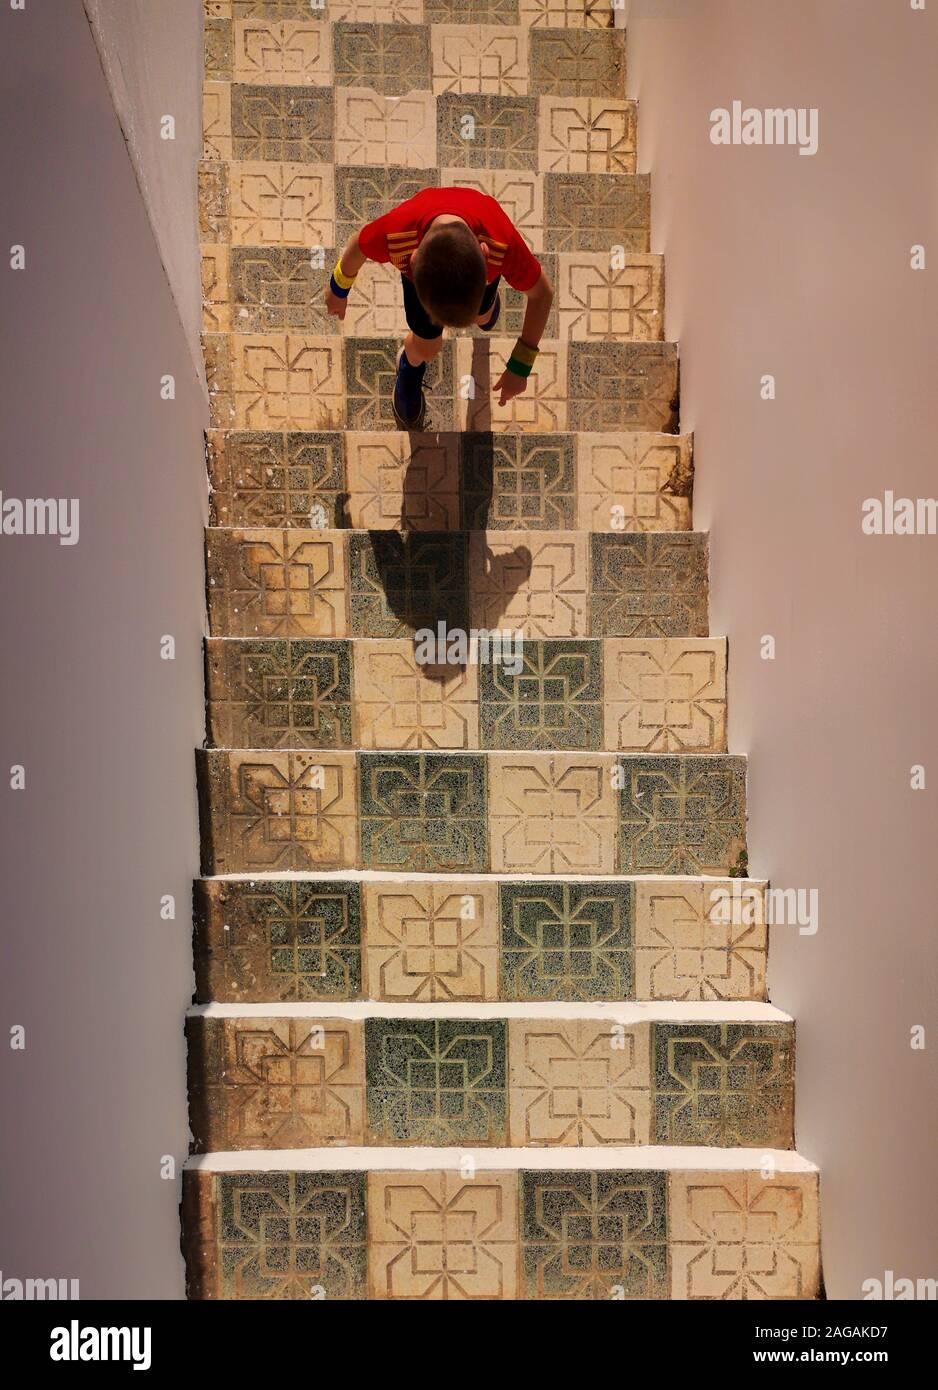 Un joven en una camiseta de la selección nacional de fútbol española, la escalada de azulejos estilo morisco pasos en Nerja. Costa del Sol, Málaga, Andalucía, España Foto de stock